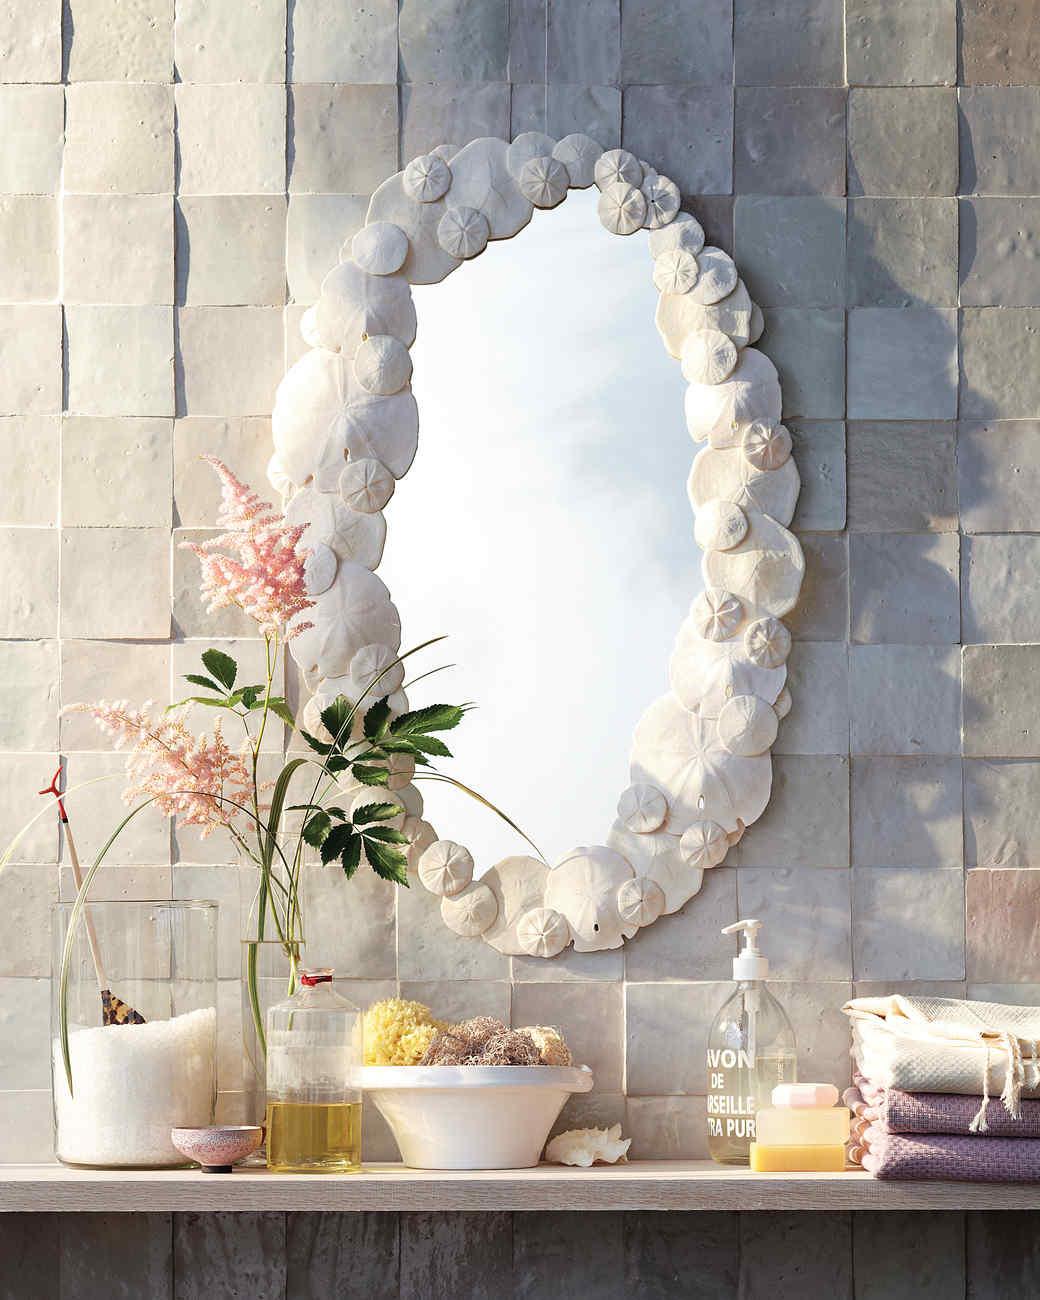 Декор в ванной комнате 100 идей для ванной вашей мечты (29) 2